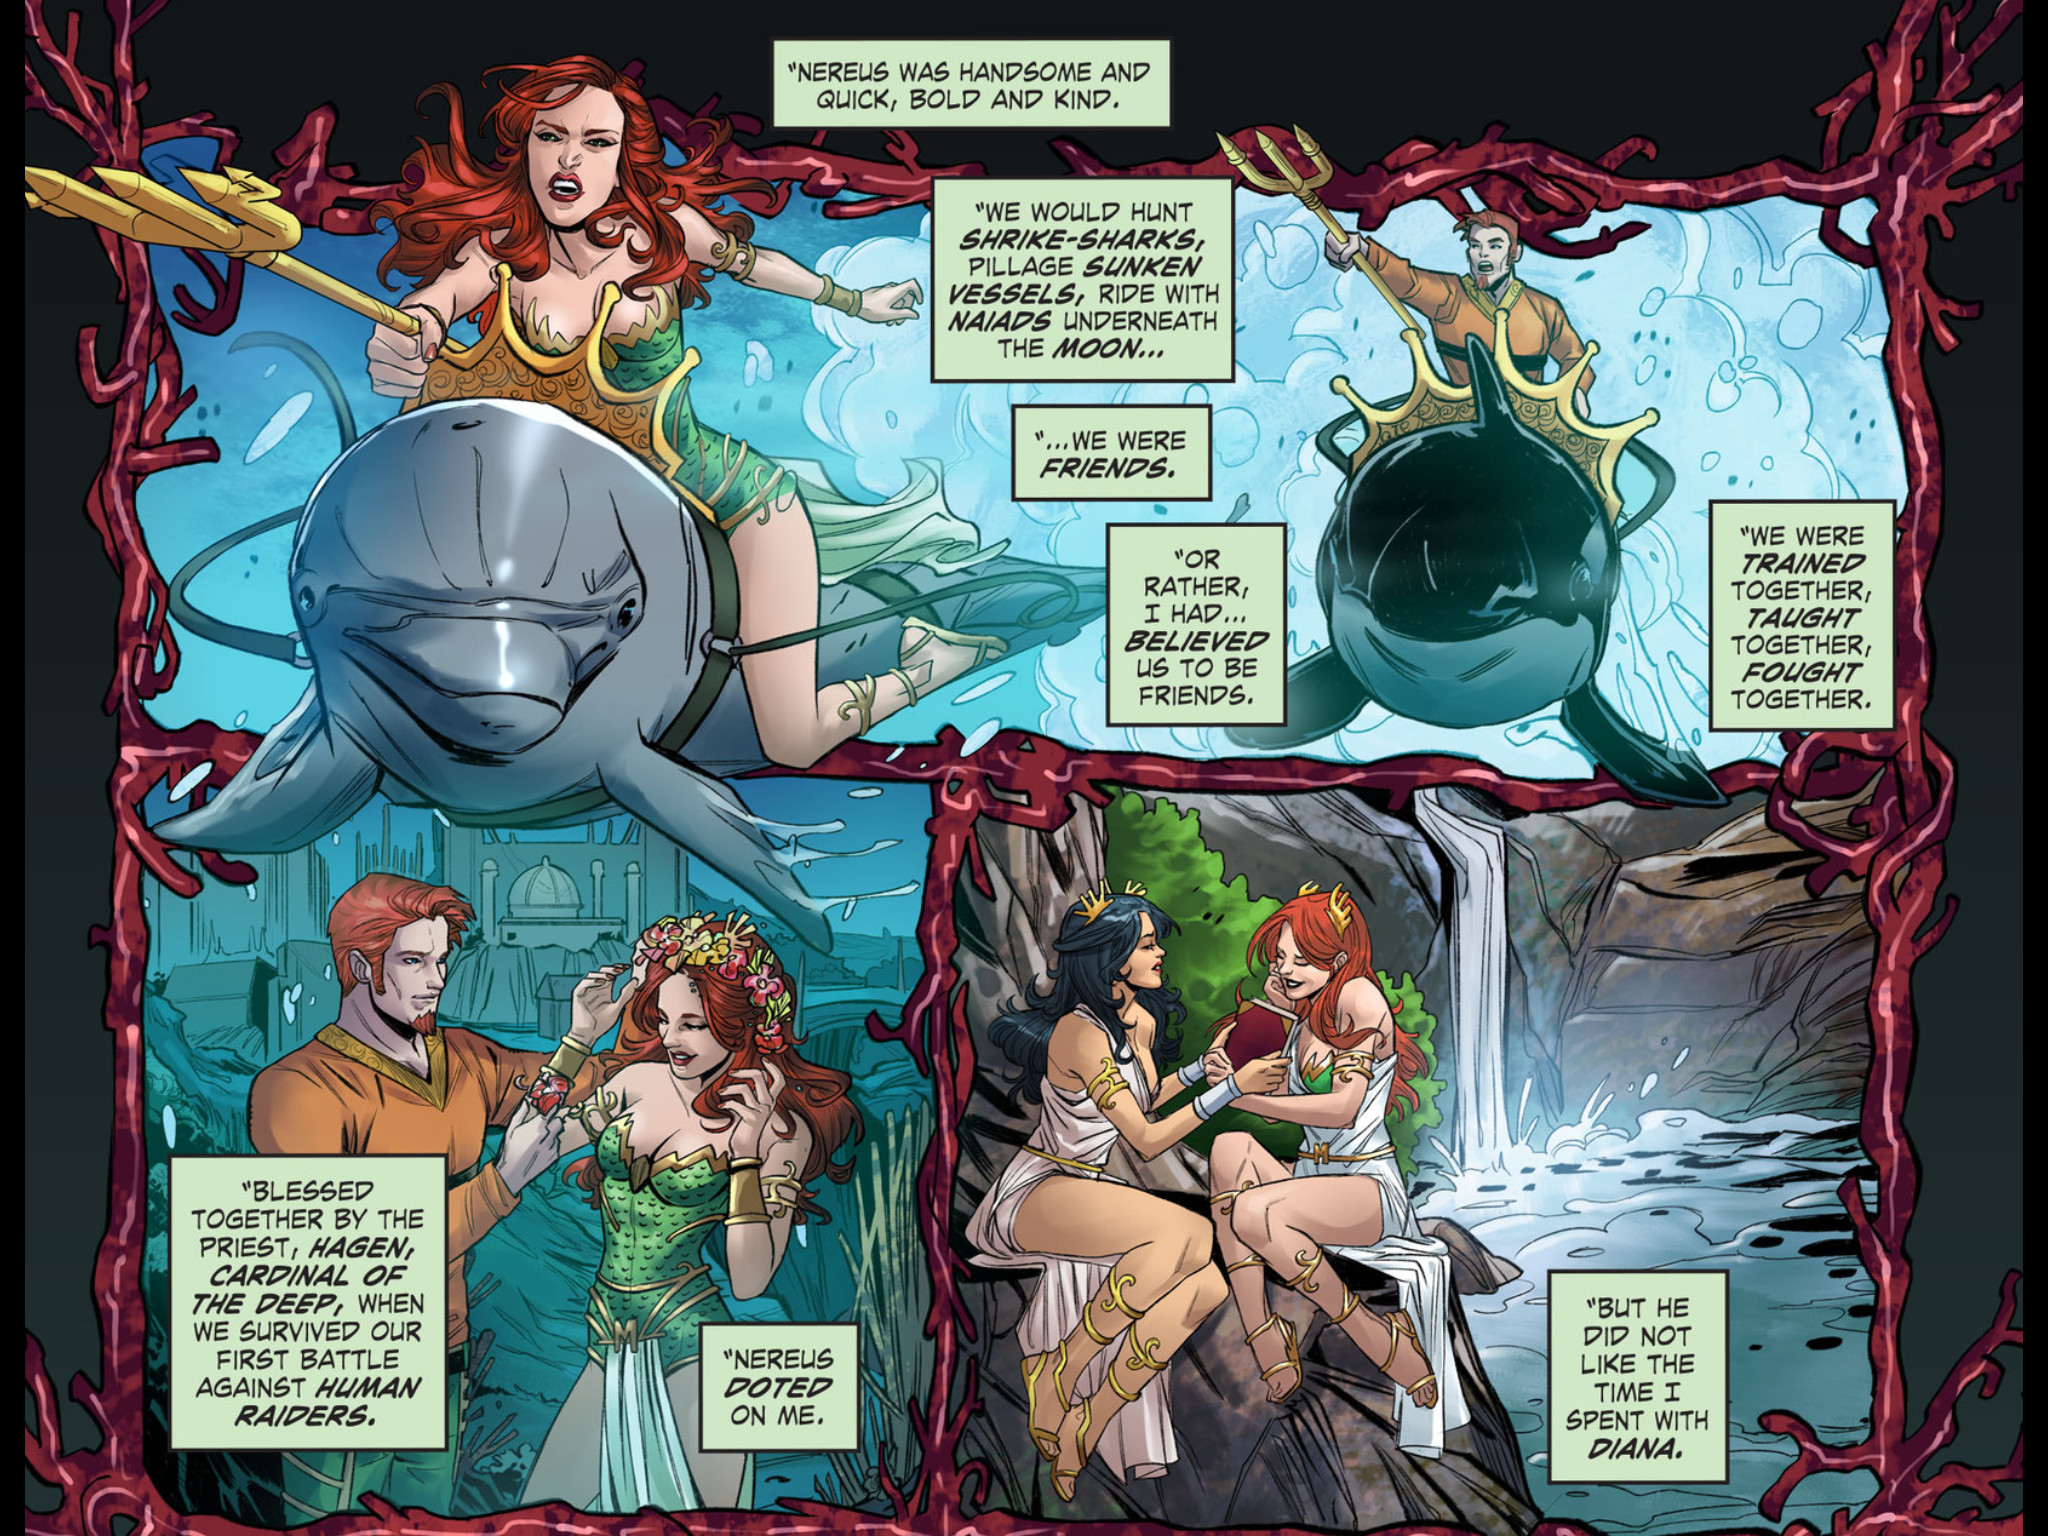 Res: 2048x1536, Weekly Wonder Woman: Wonder Woman: Rebirth #1